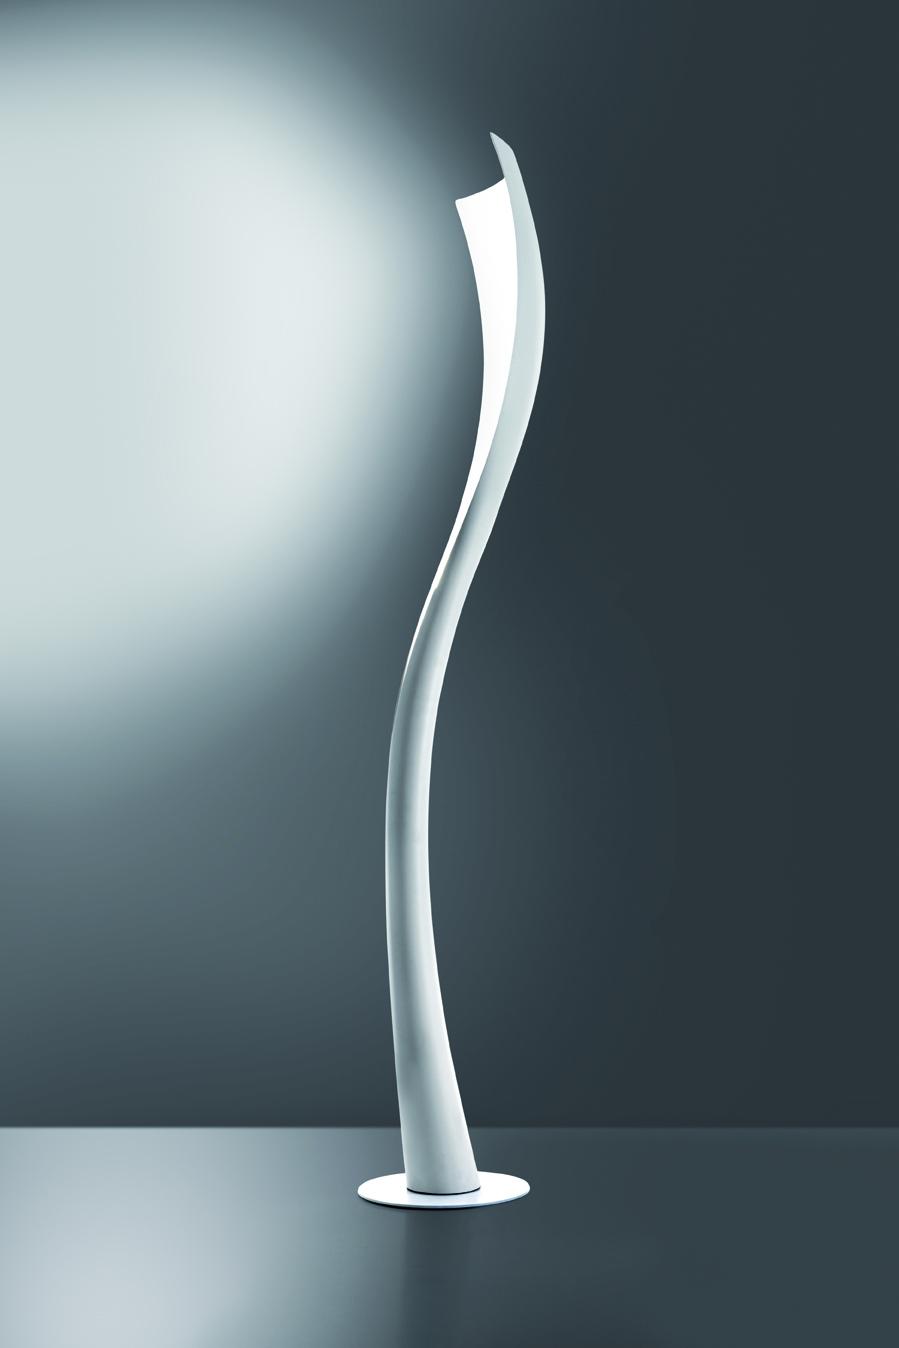 artemide lamps photo - 2